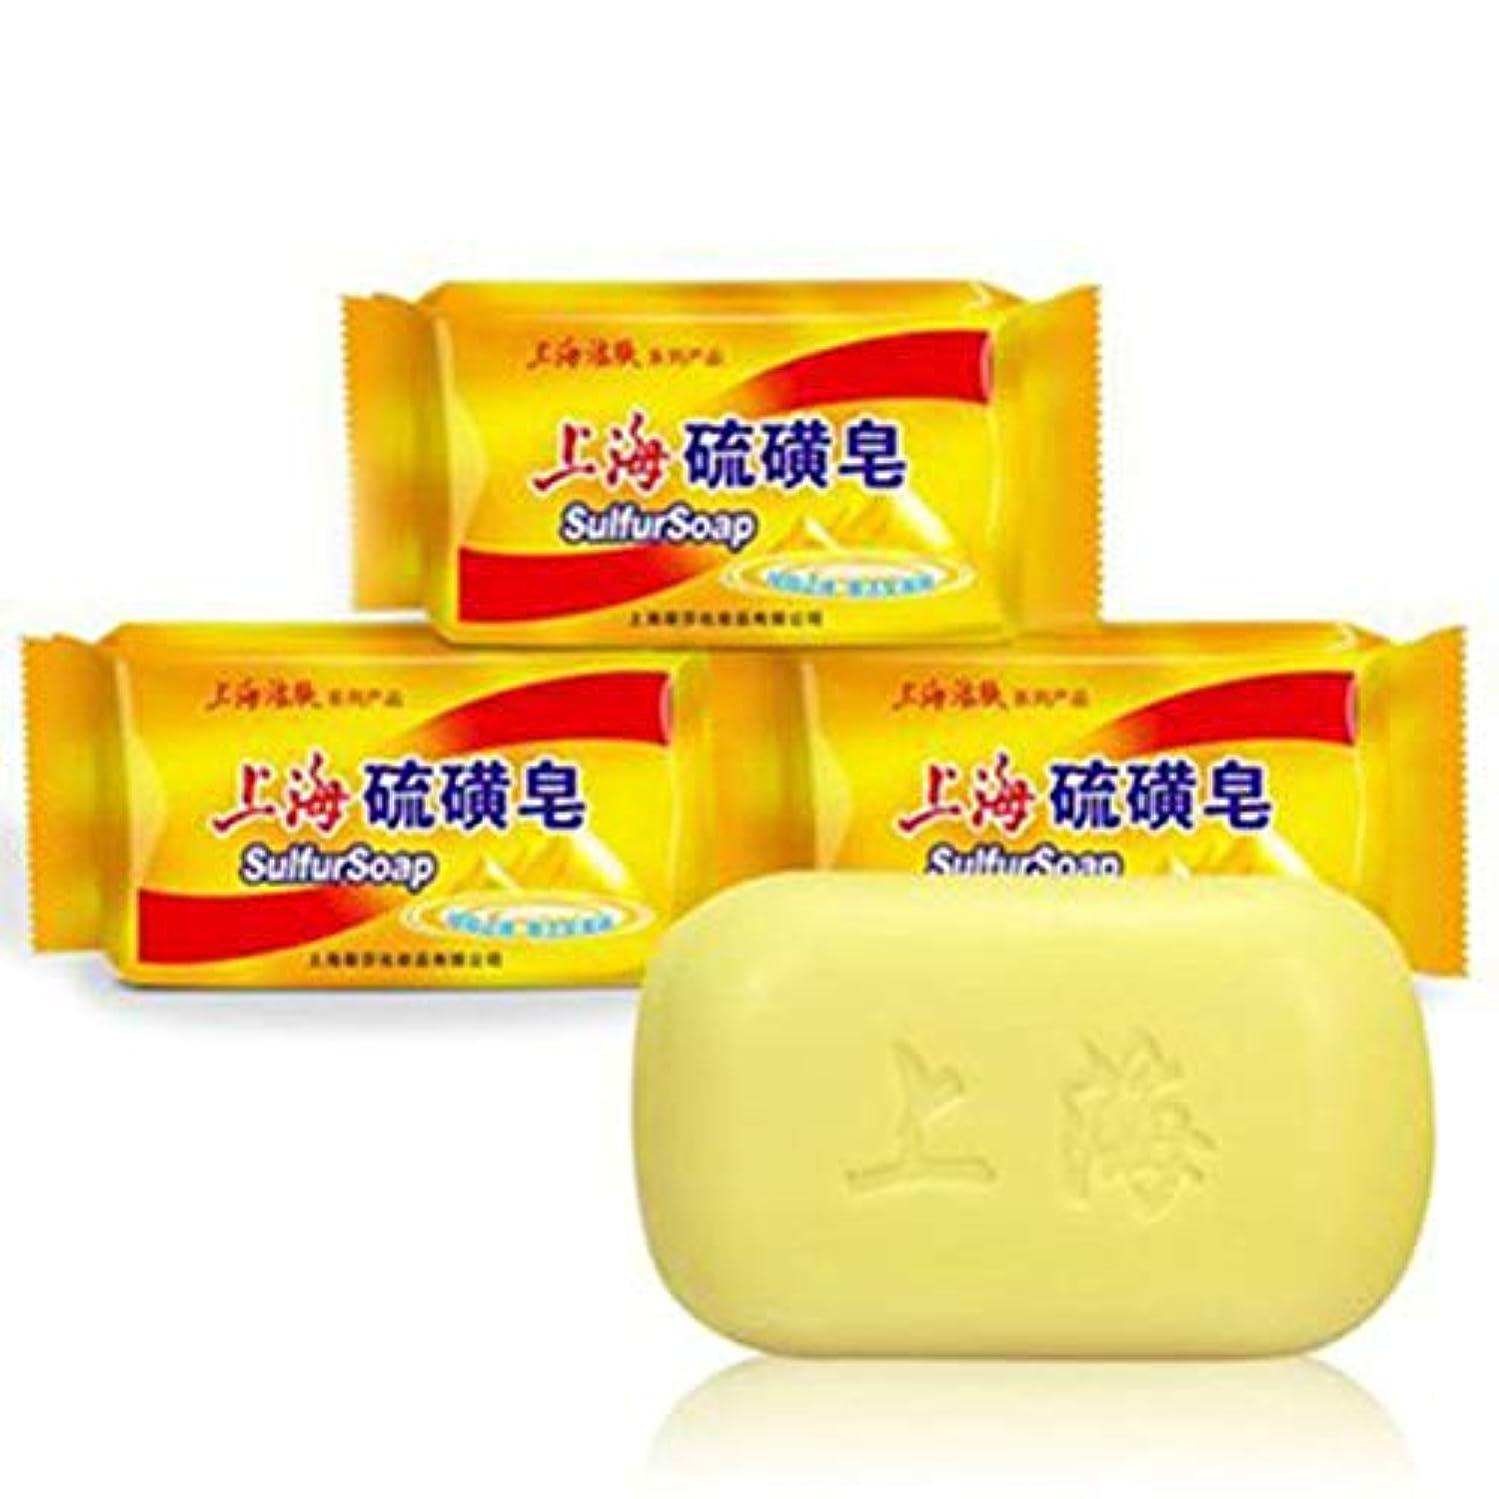 サスペンション討論マキシム石鹸、ダニ石鹸入浴ユニセックス(3パック)に上海硫黄石鹸コントロールオイルフケ